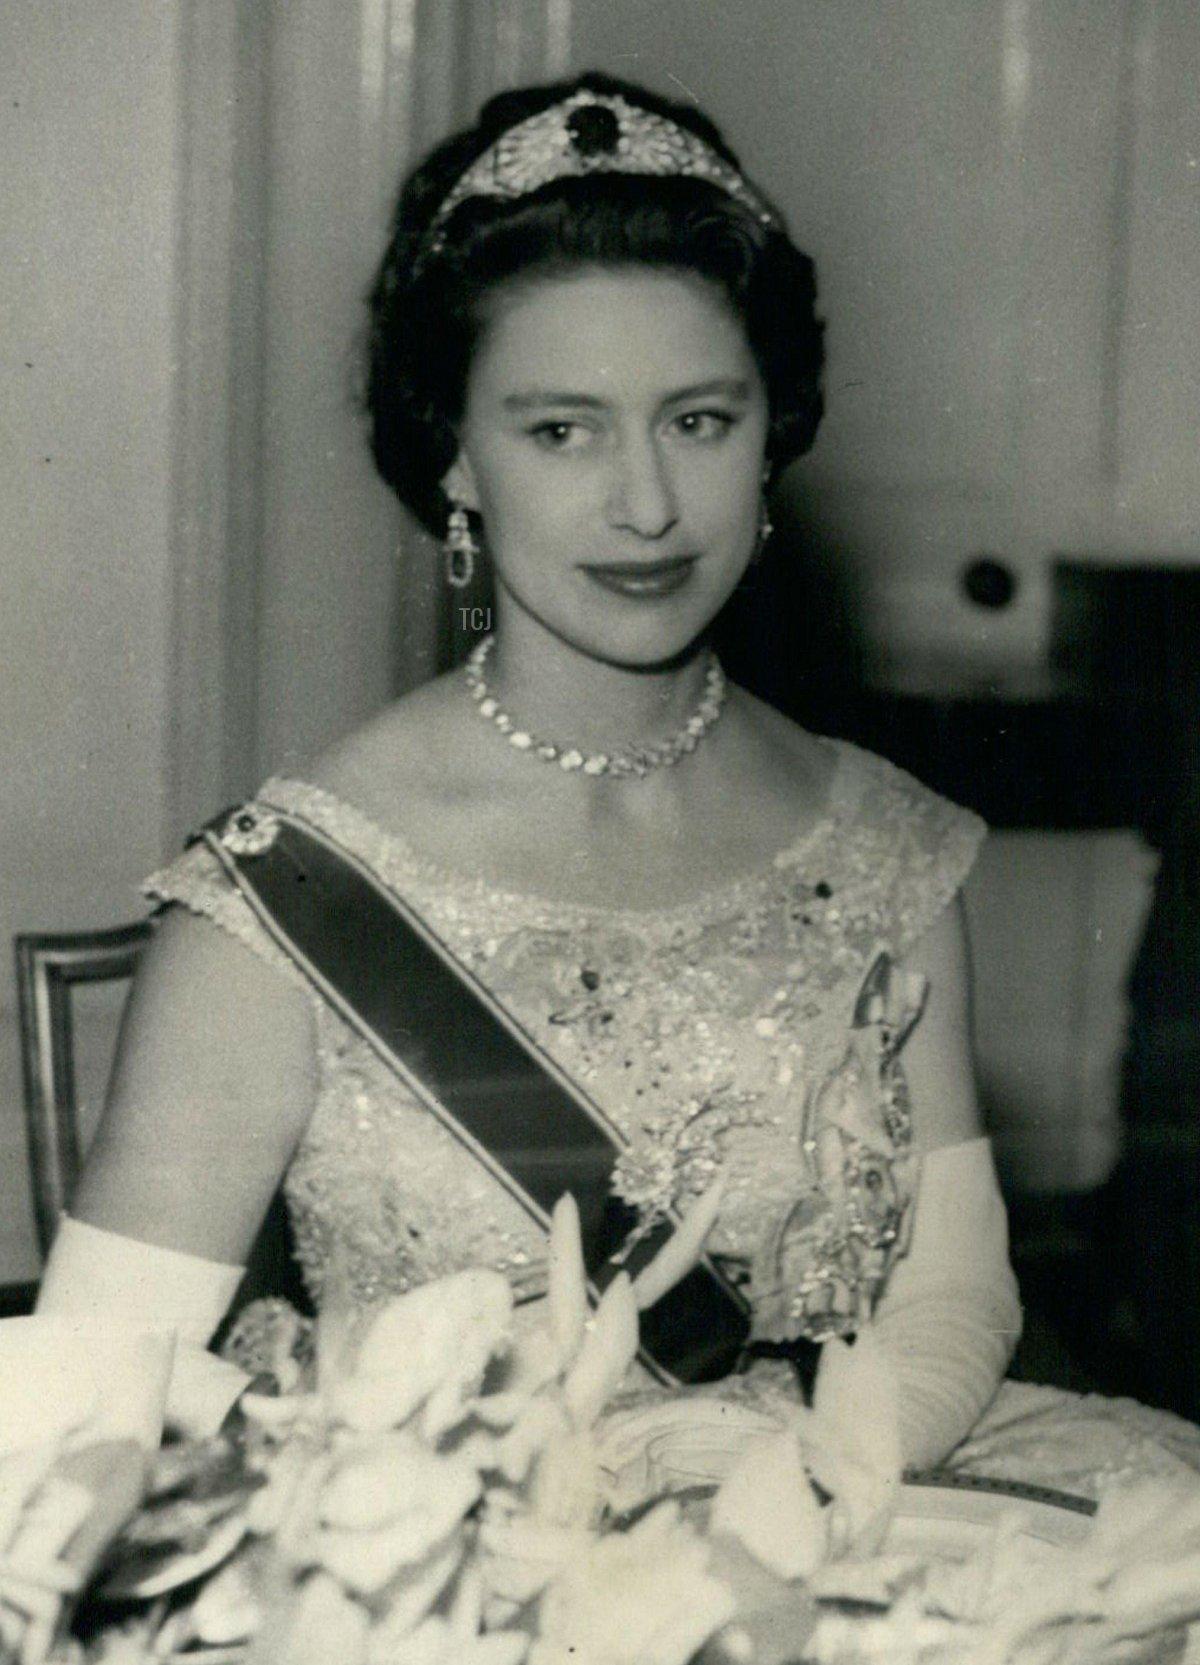 Apr. 04, 1958 - Princess Margret's West Indies Tour